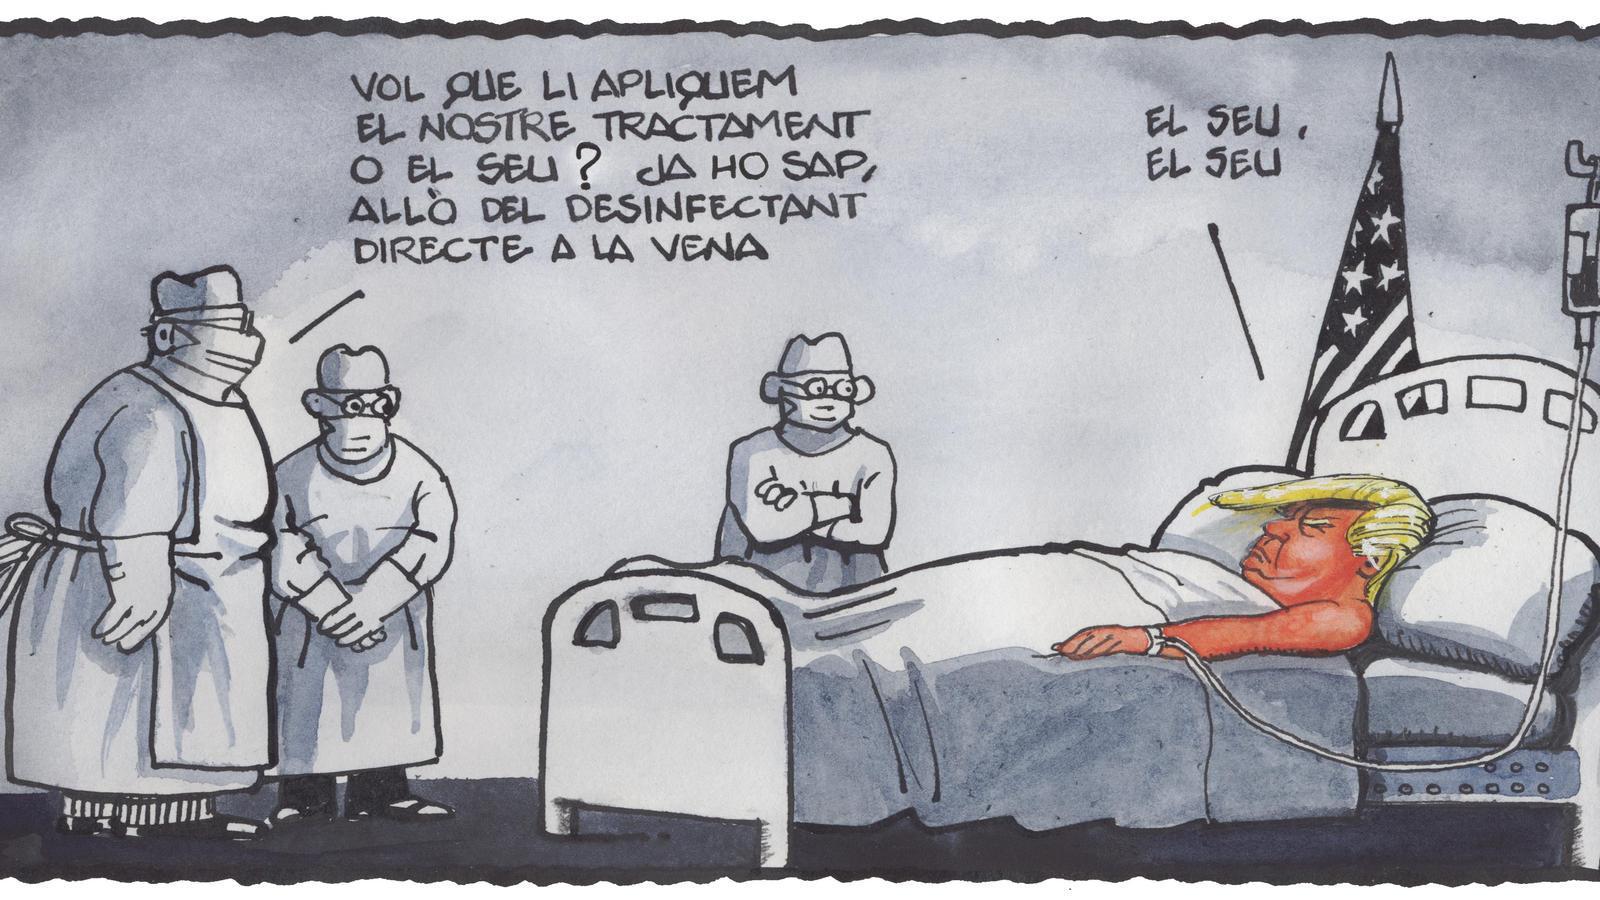 'A la contra', per Ferreres 03/10/2020